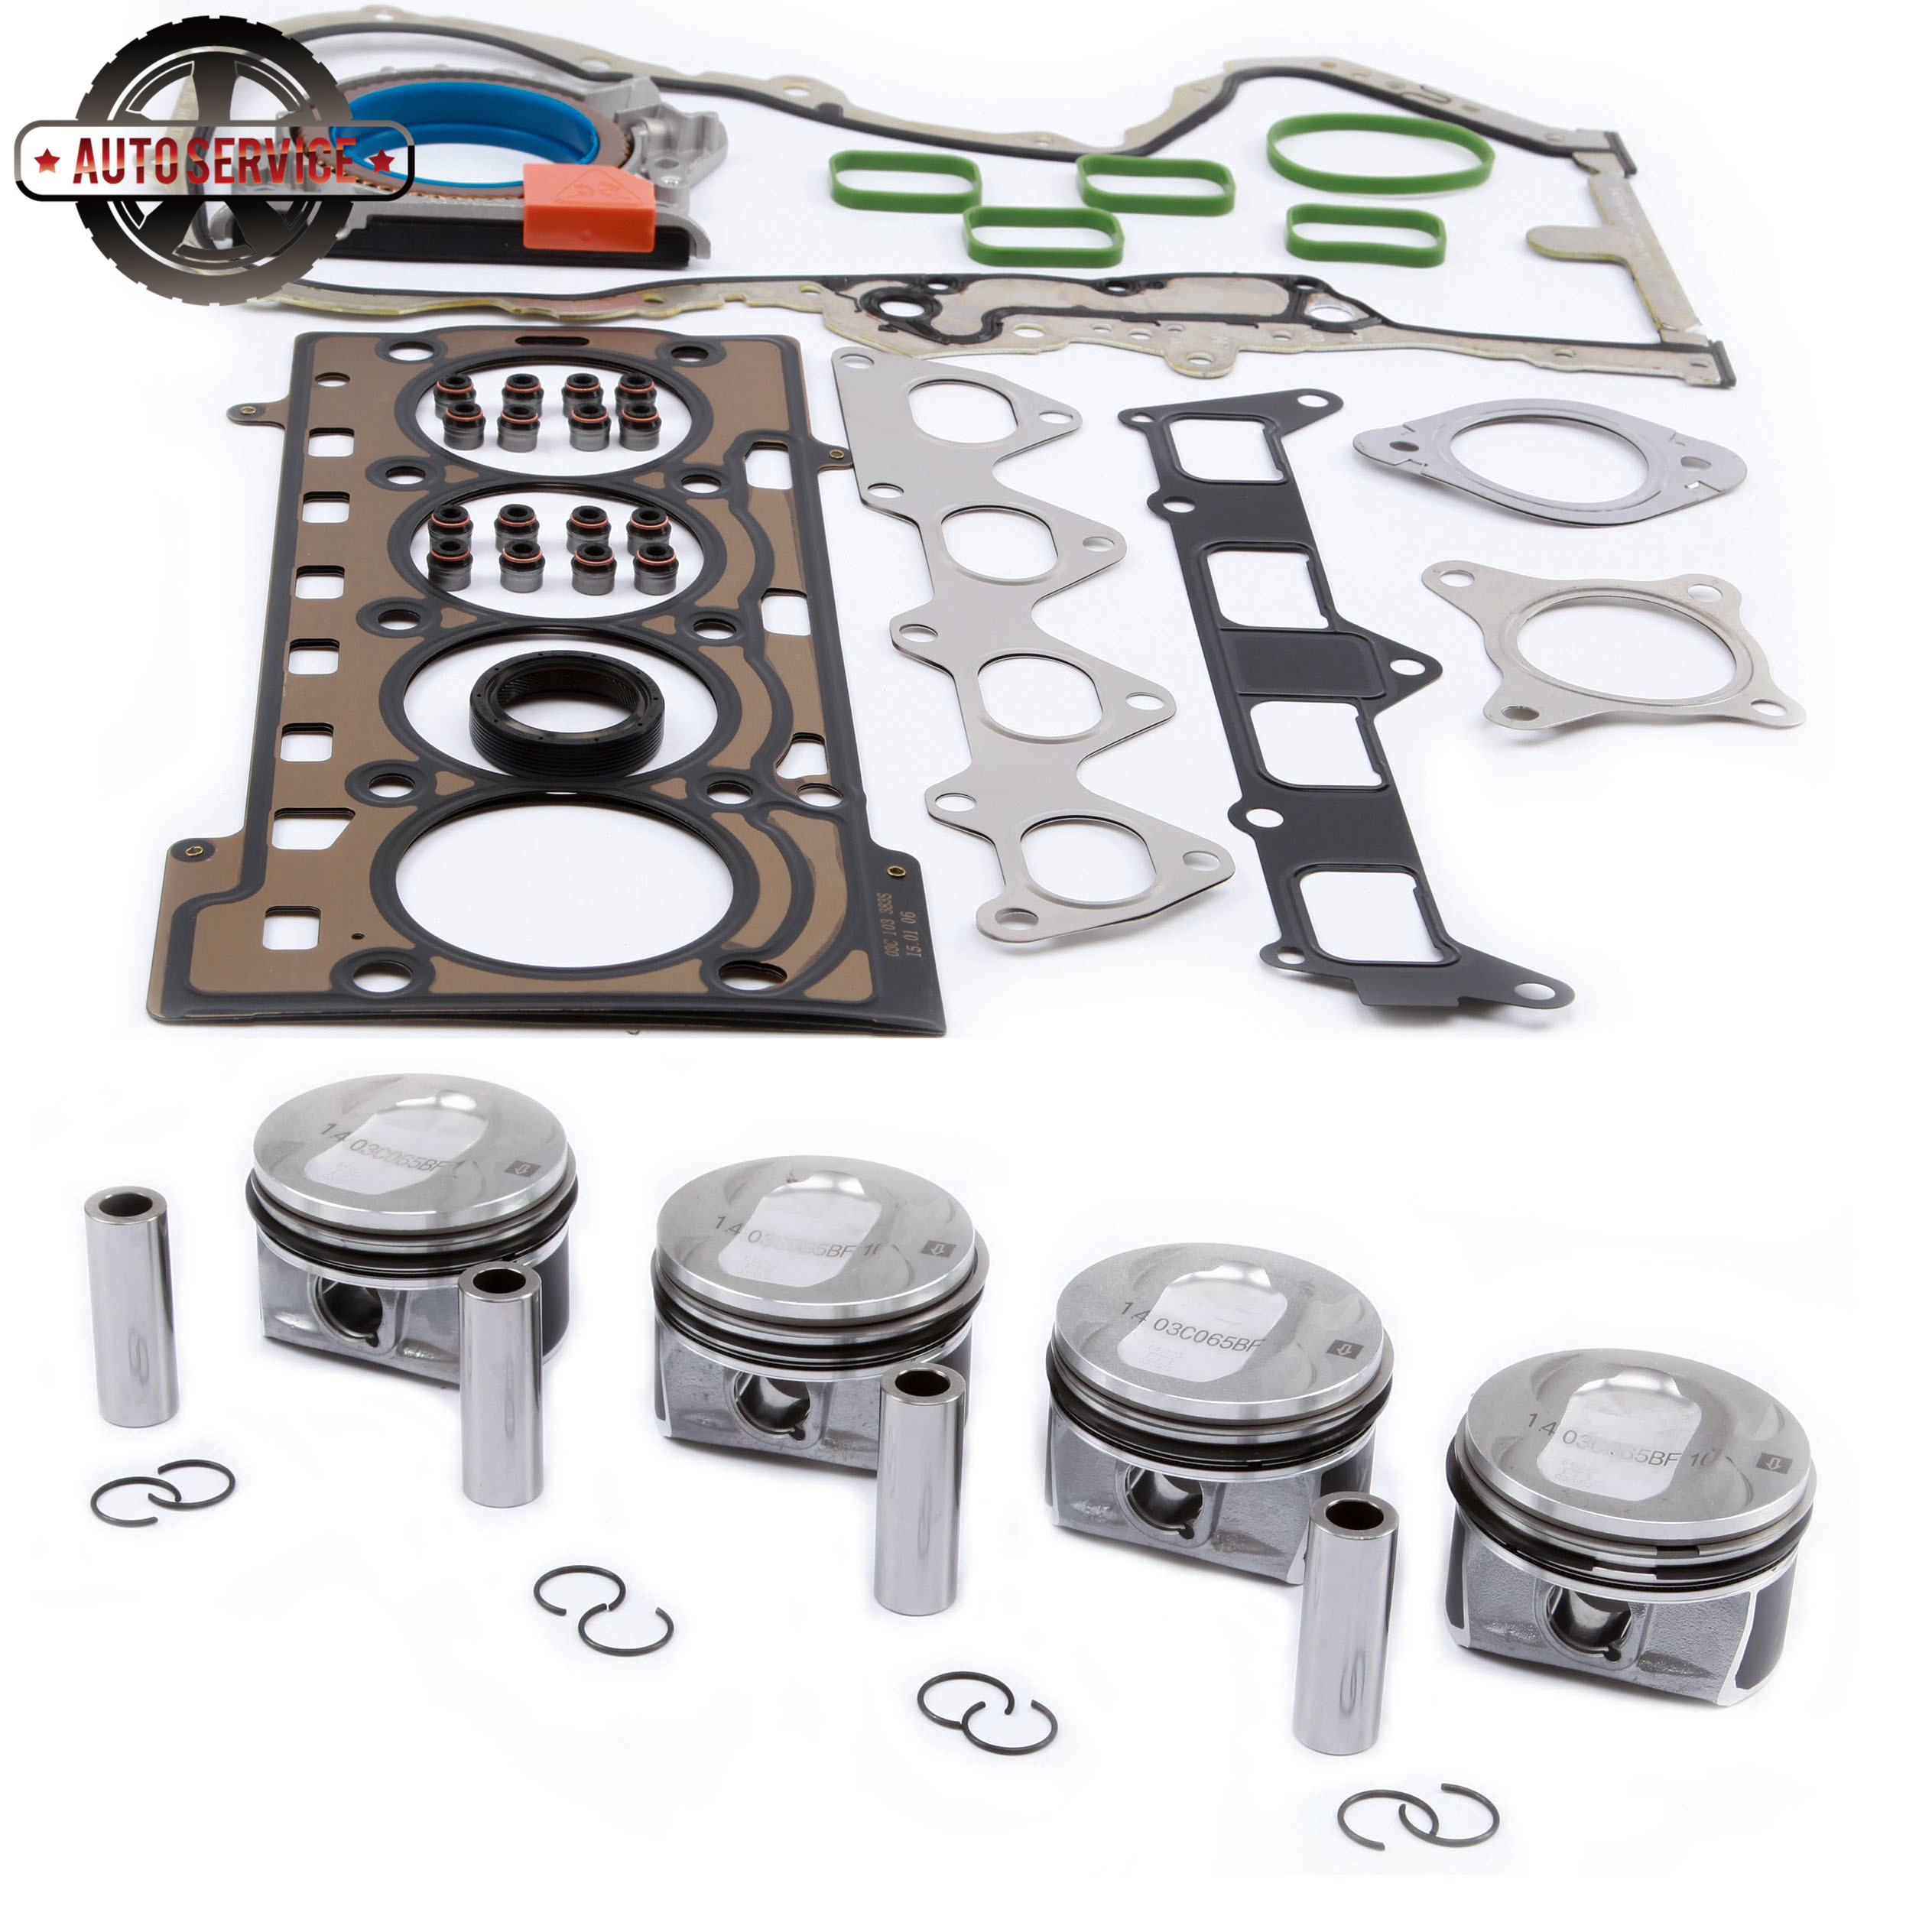 NEW 03C 198 151 M Piston Sets & Engine Gaskets Seals Repair Kit For Audi A1 VW Golf Jetta MK5 Tiguan Passat 1.4TSI 03C103383AH